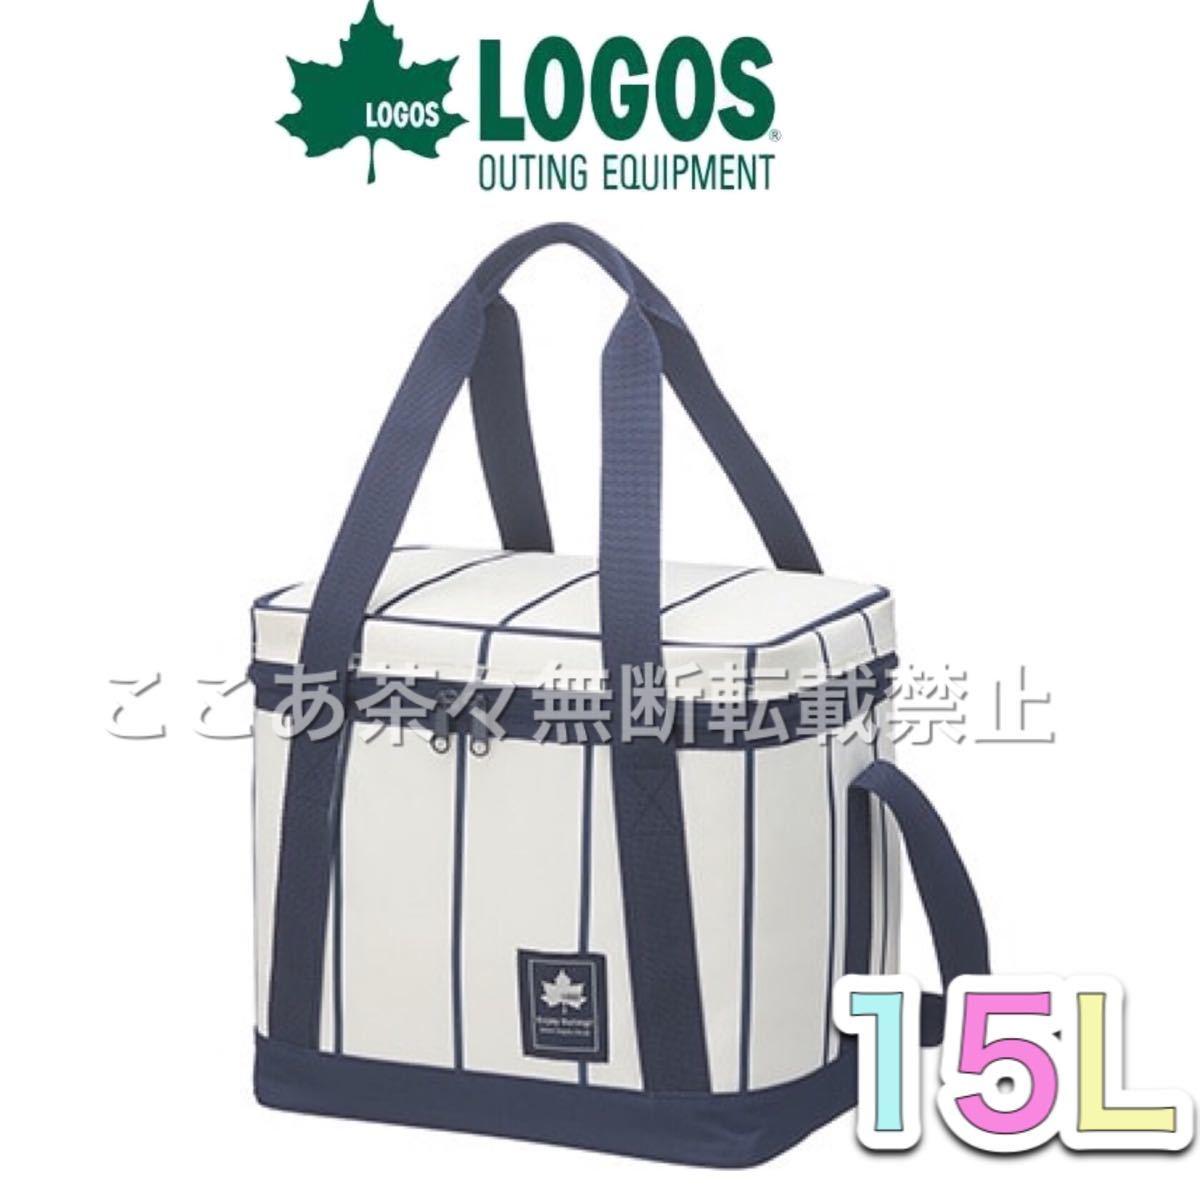 ロゴス(LOGOS)デザイン クーラーバッグ 15L(ピンストライプ)保冷剤付き